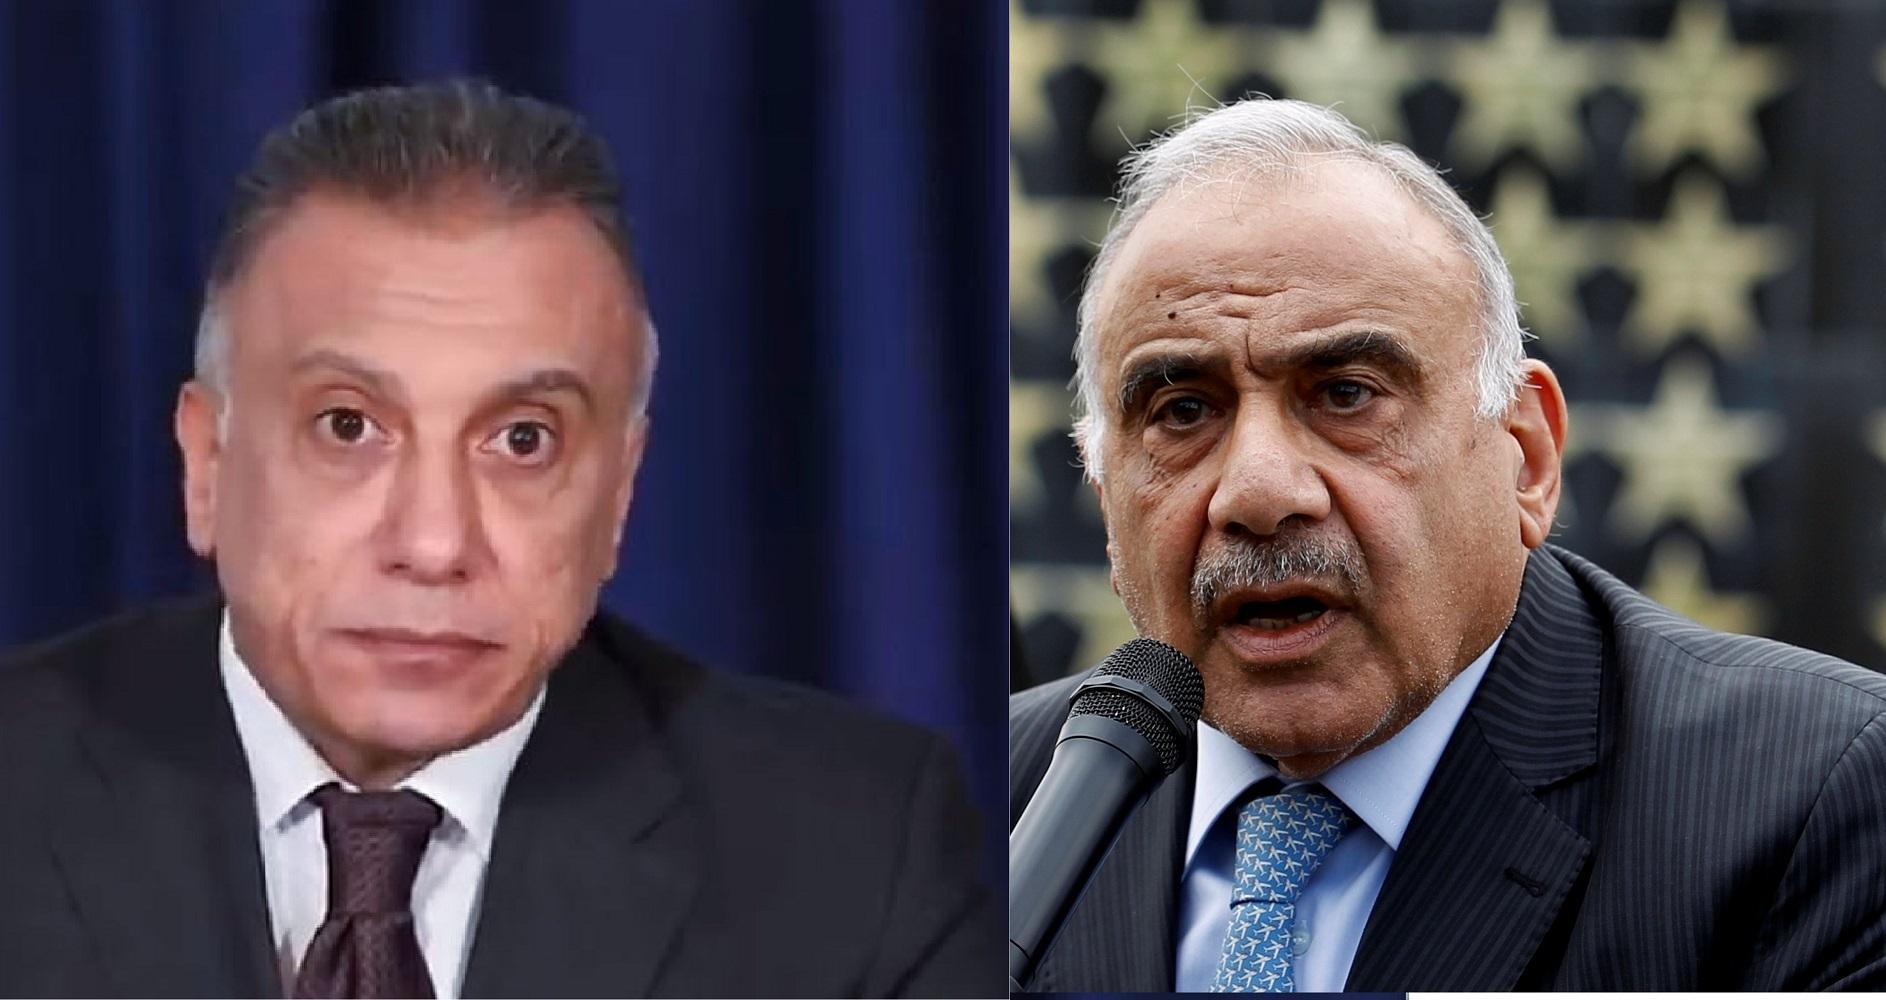 رئيس حكومة تصريف الأعمال في العراق عادل عبد المهدي (يمين) ورئيس الحكومة المكلف مصطفى الكاظمي